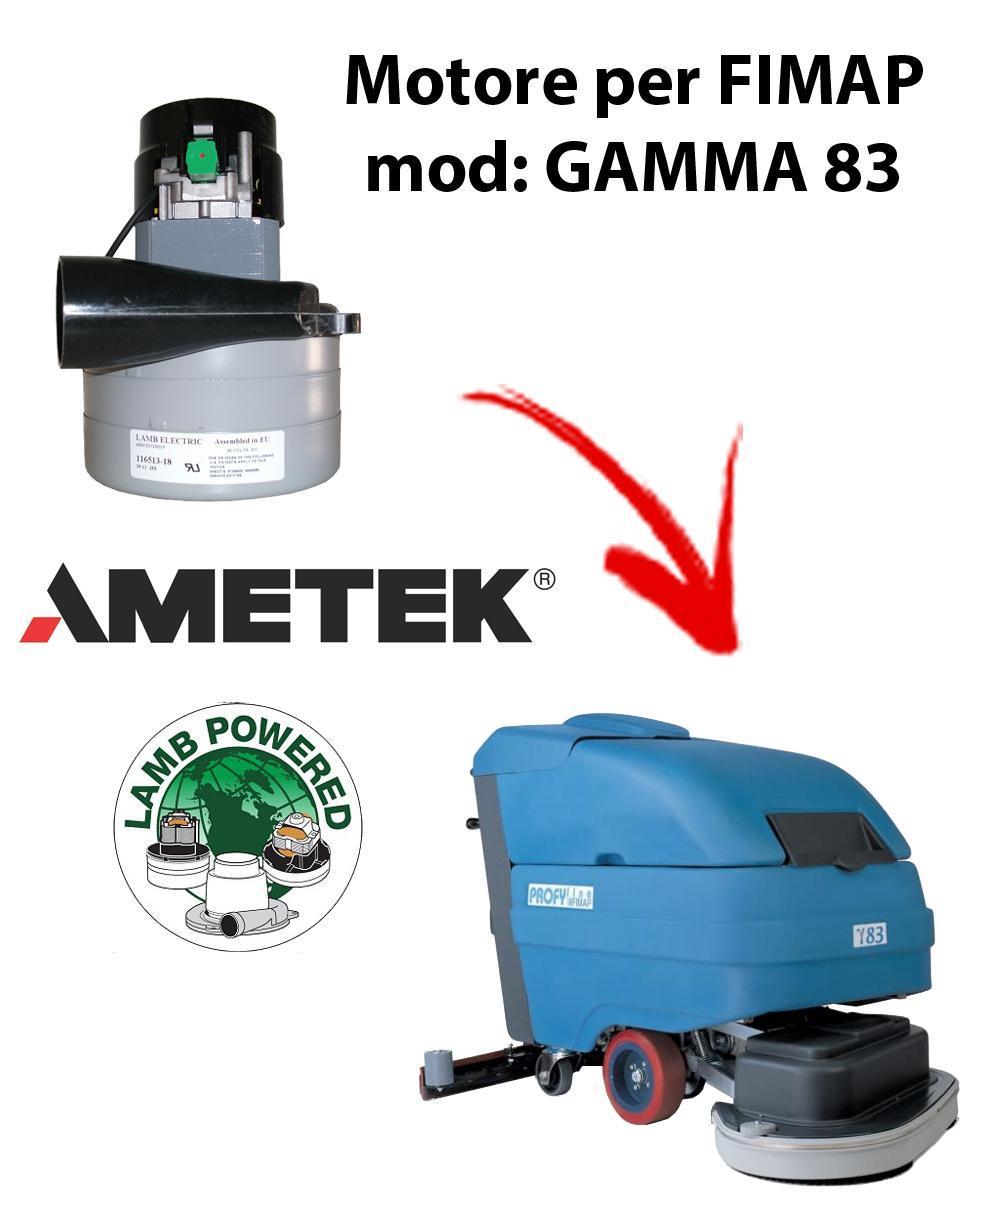 GAMMA 83 Ametek Vacuum Motor for scrubber dryer FIMAP